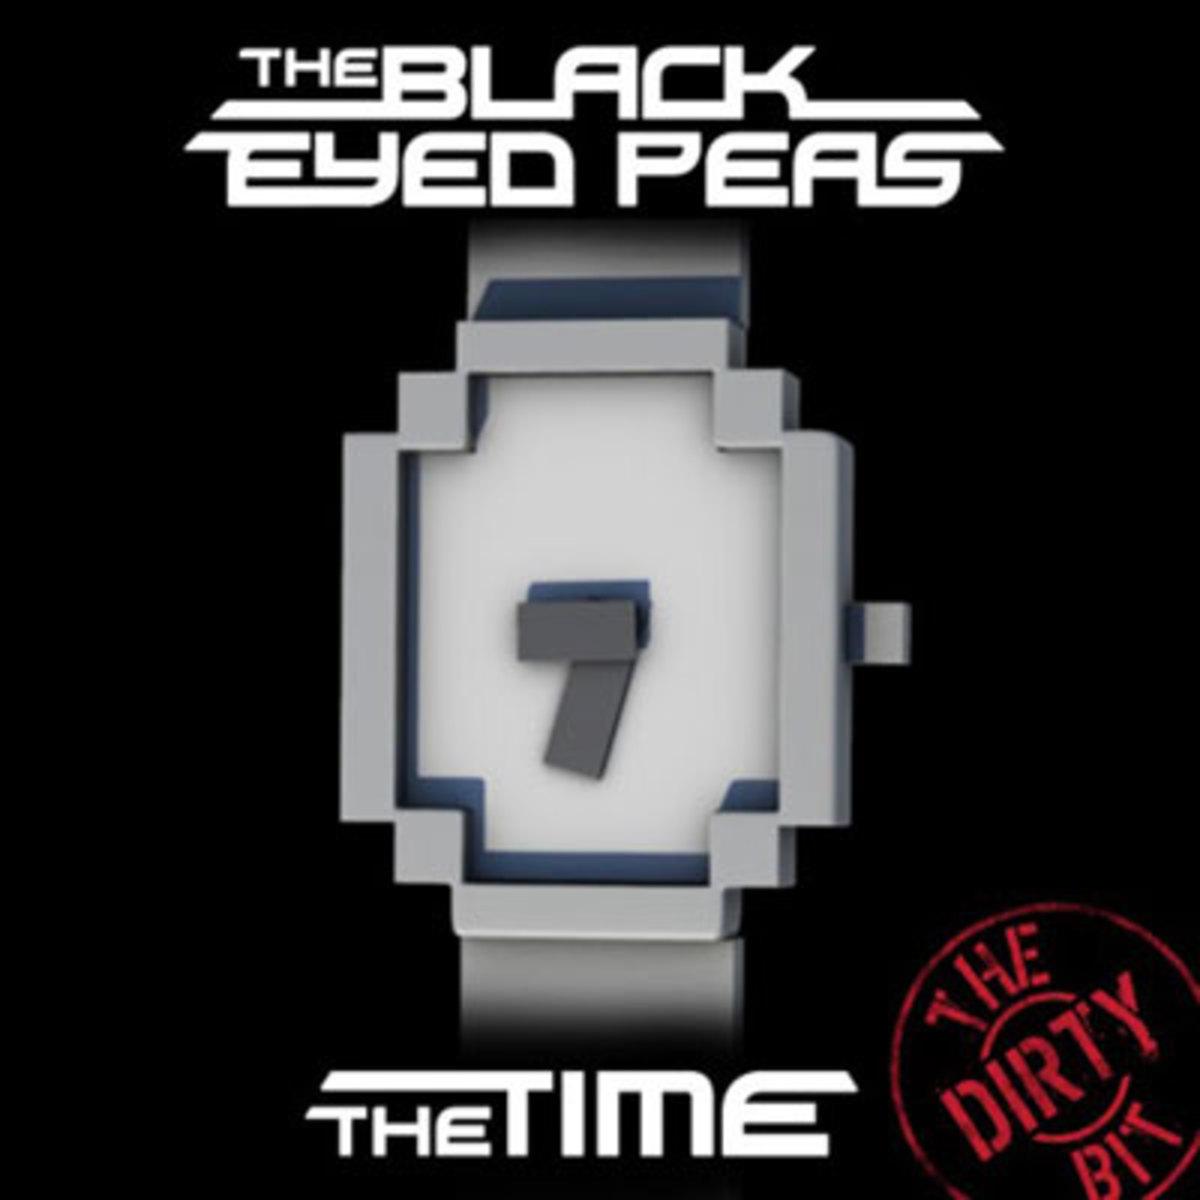 theblackeyedpeas-thetime.jpg